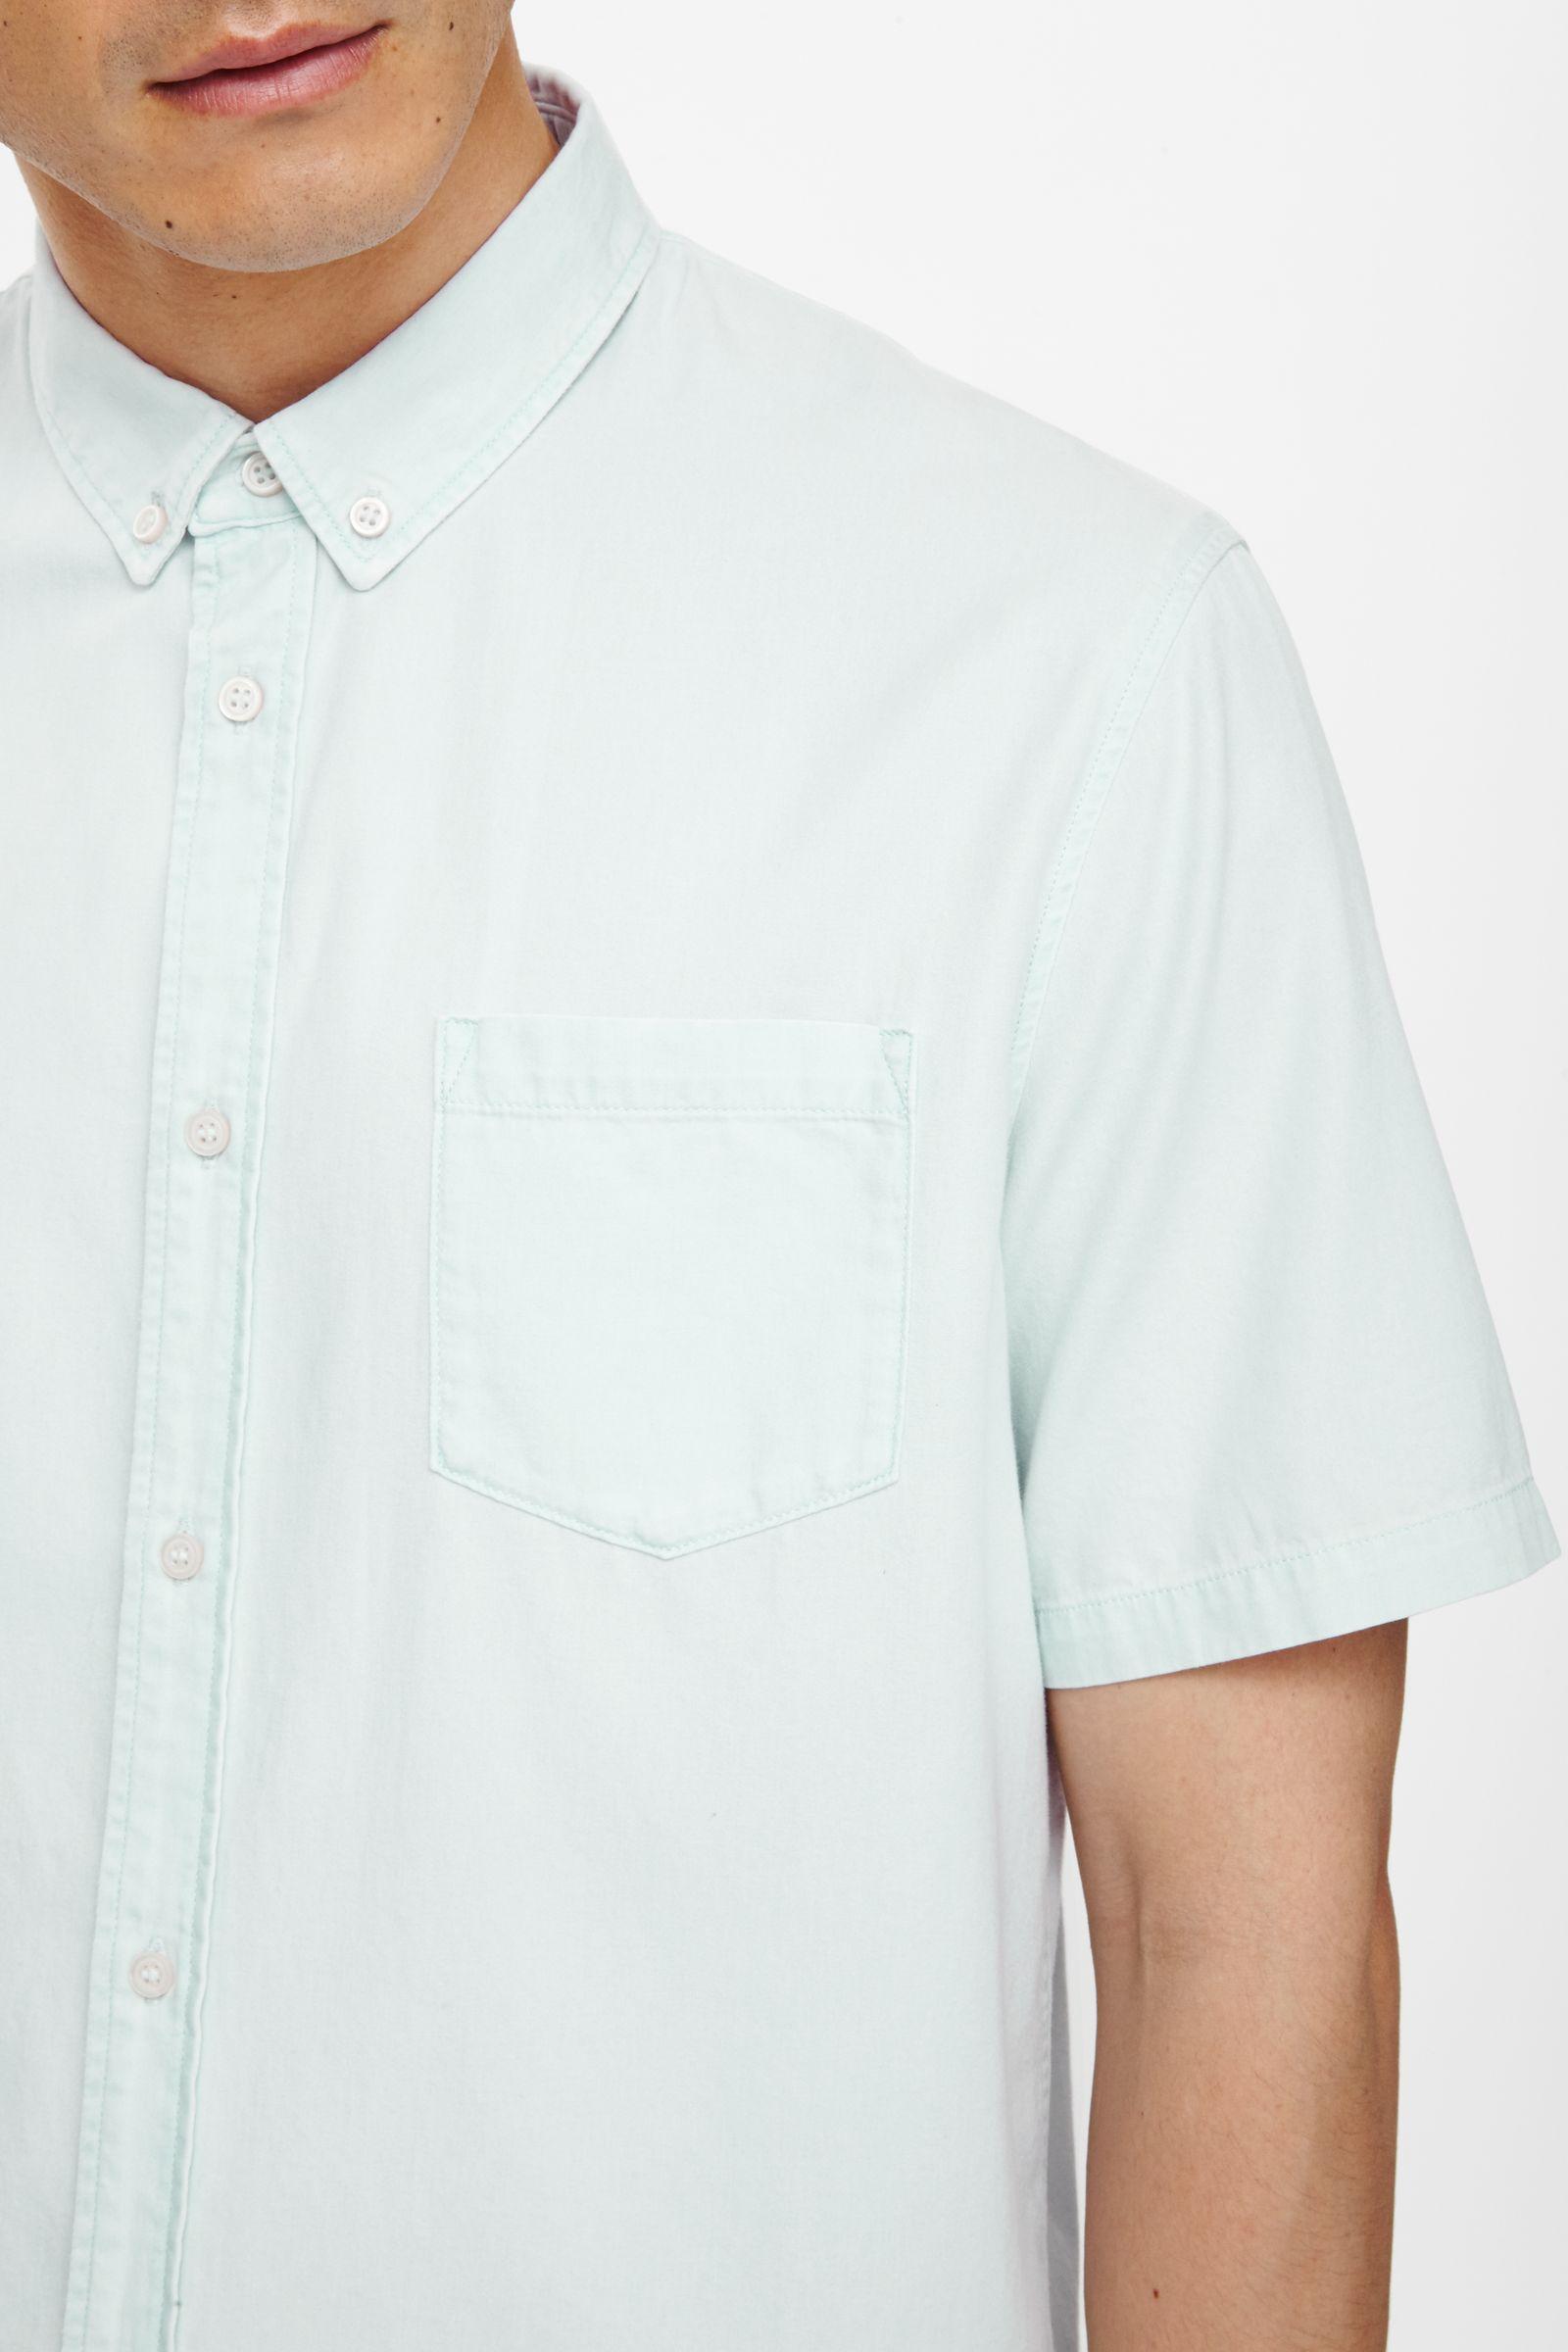 افضل ماركة عالمية للقمصان الرجالي Cos-Short-Sleeved-De